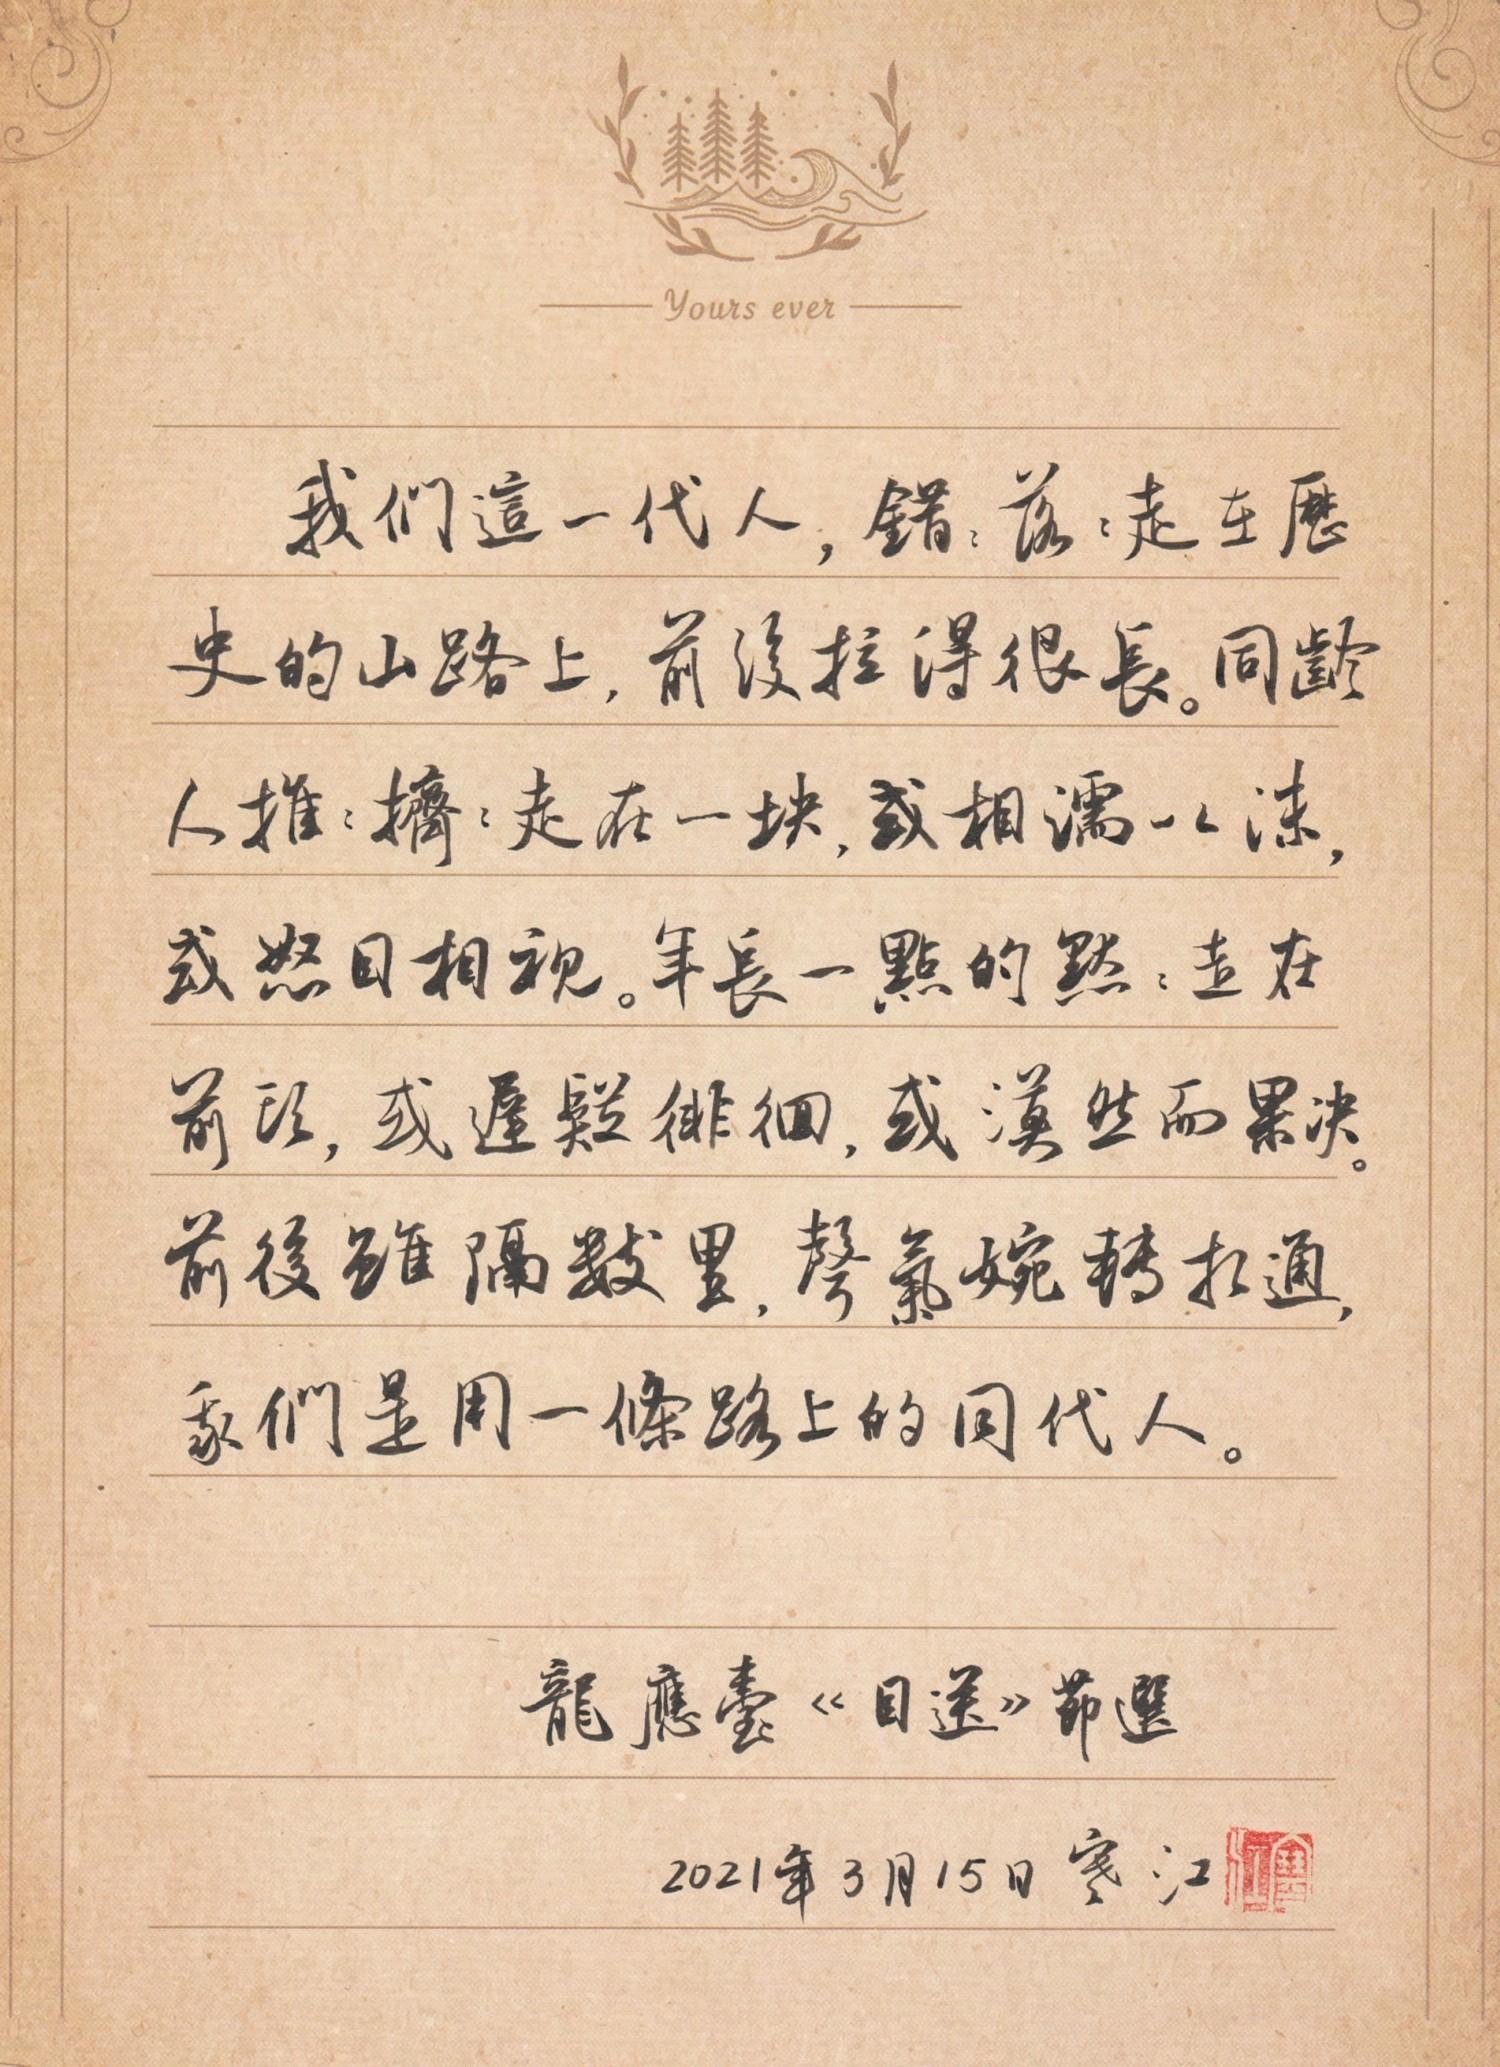 钢笔爱好者练字打卡20210316-19